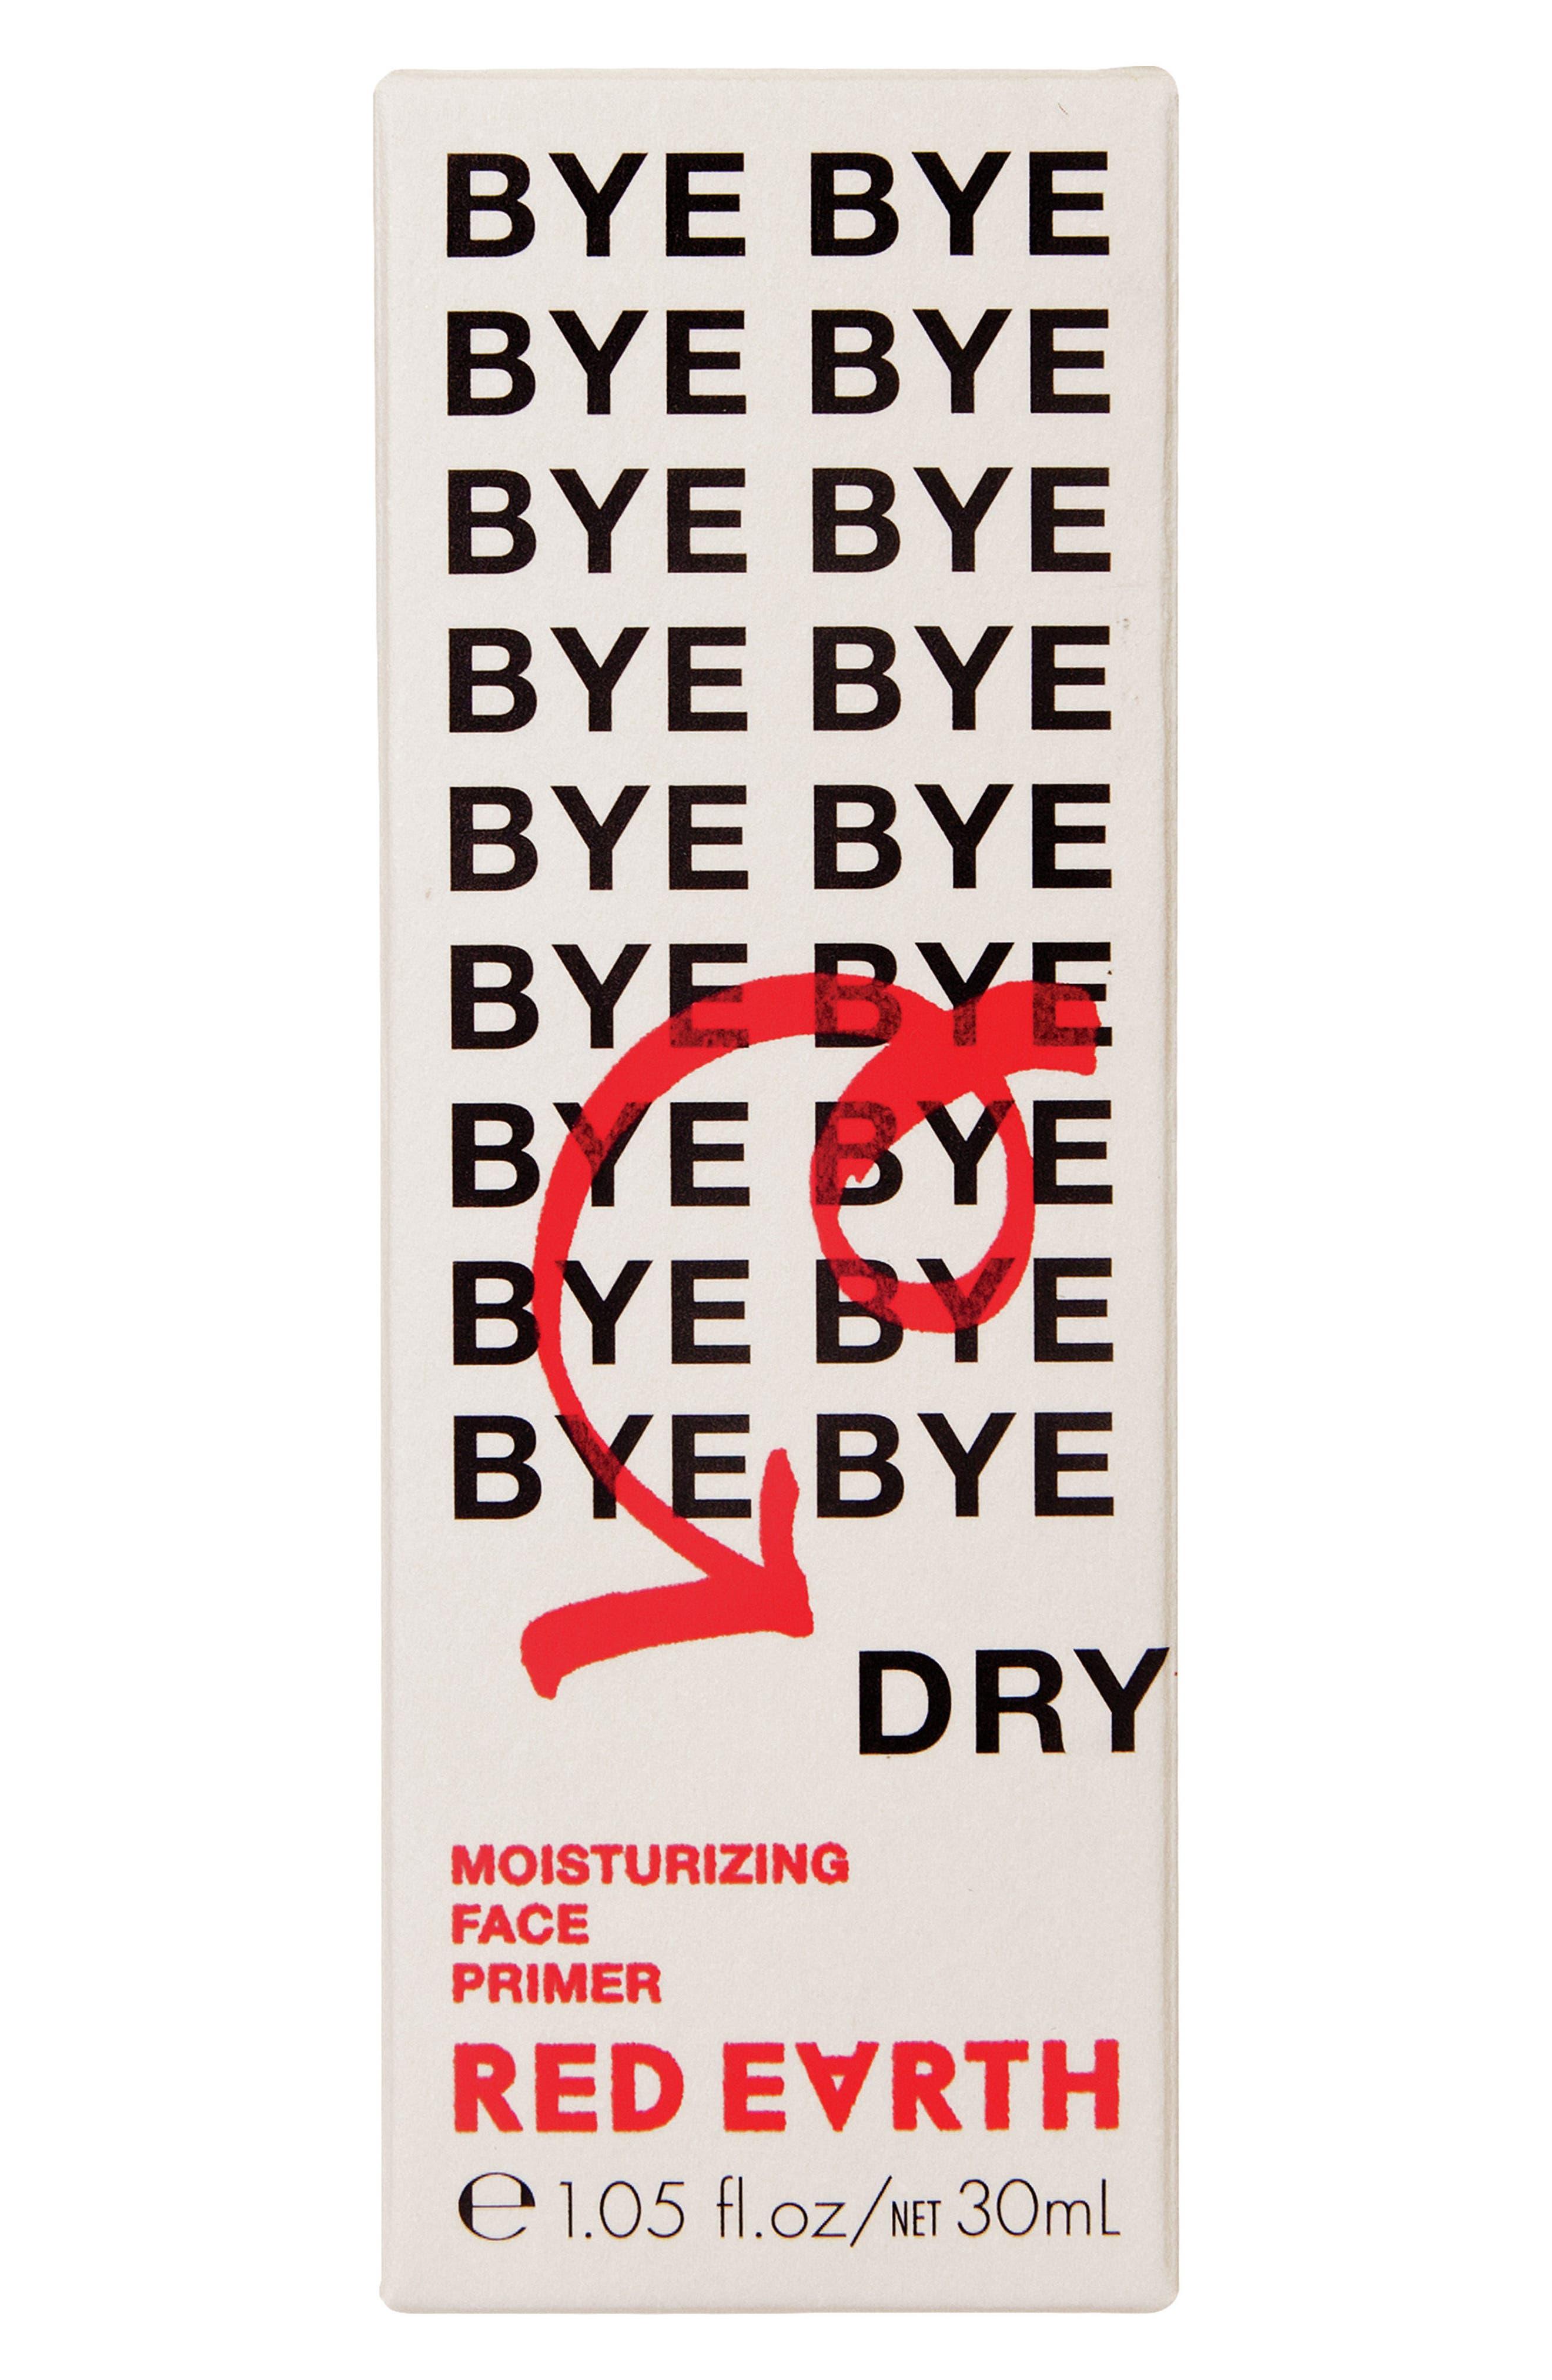 Bye Bye Dry Face Primer,                             Alternate thumbnail 2, color,                             000